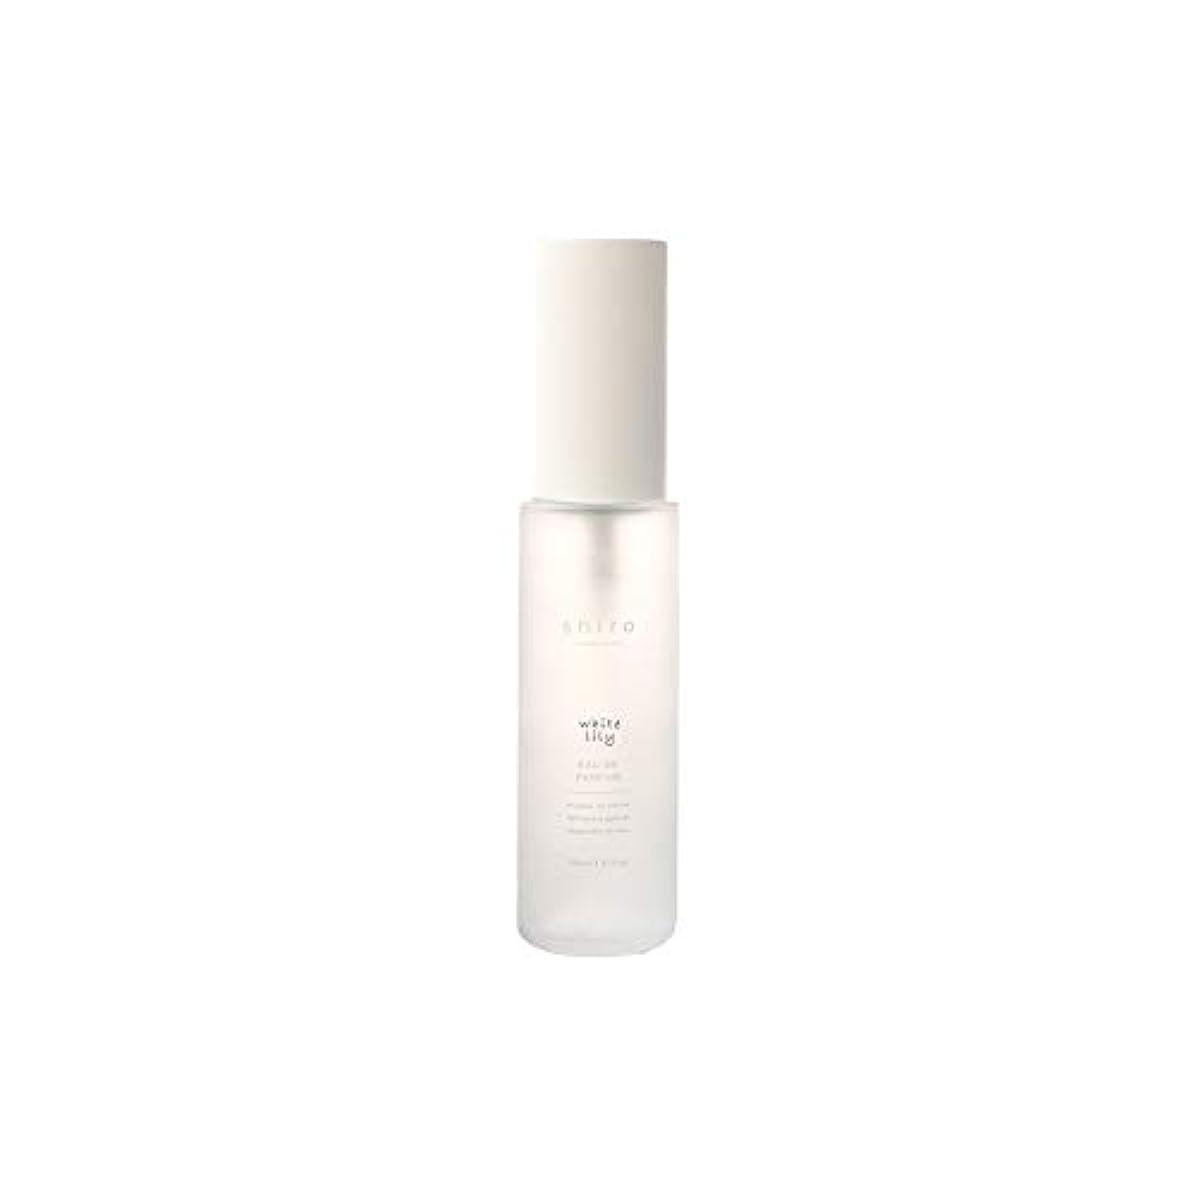 バースオープニングステープルshiro シロ ホワイトリリー オードパルファン 香水 40ml (長時間持続)